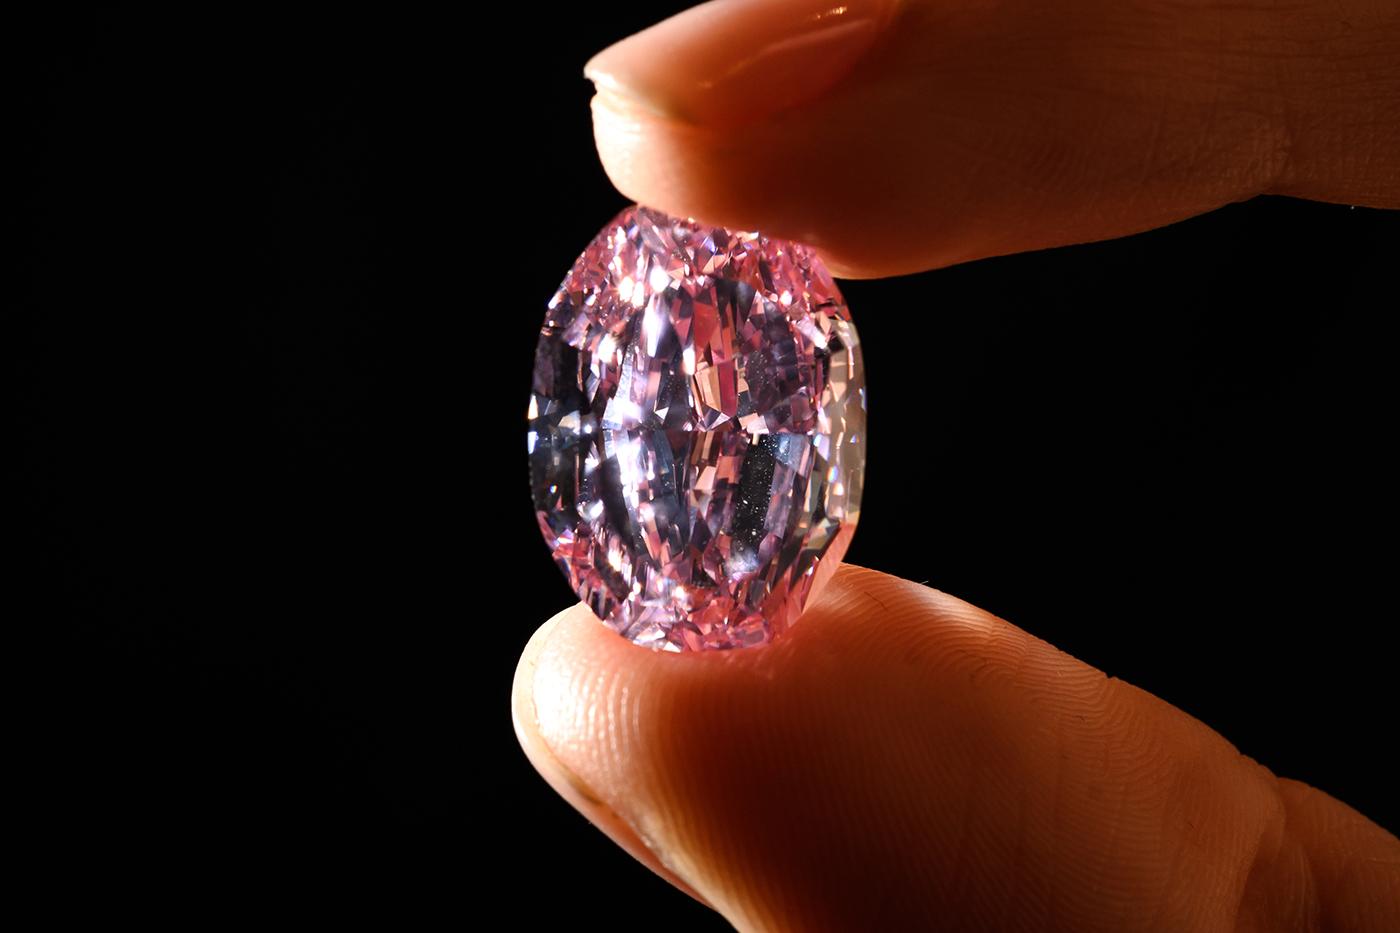 Dalla Russia con amore. Record d'asta per un diamante rosa russo a 26 milioni